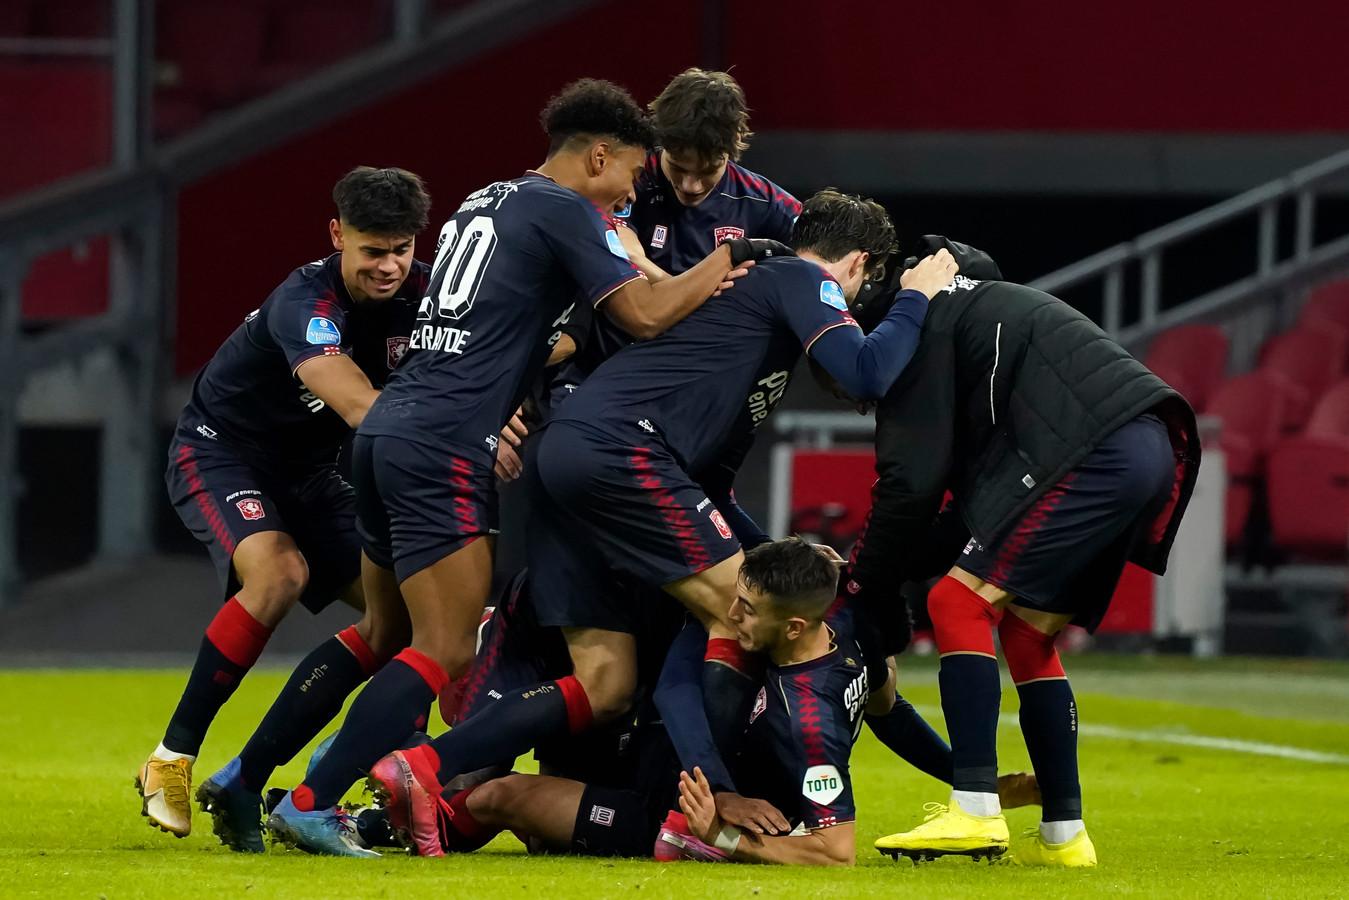 Queensy Menig wordt bedolven onder zijn dolblije ploegmaten nadat hij de winnende voor Ajax tegen FC Twente maakte.